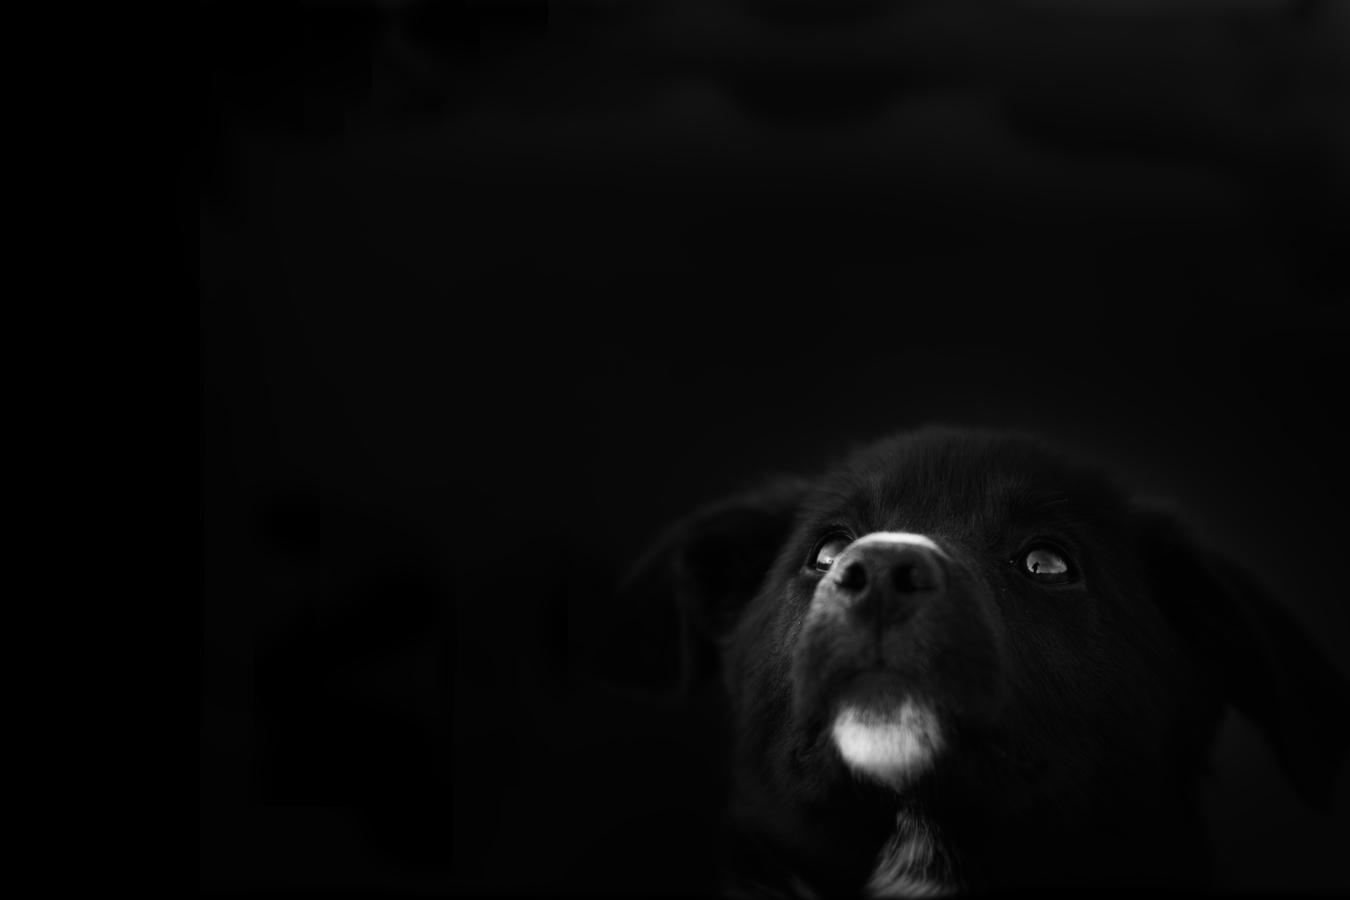 černobílo